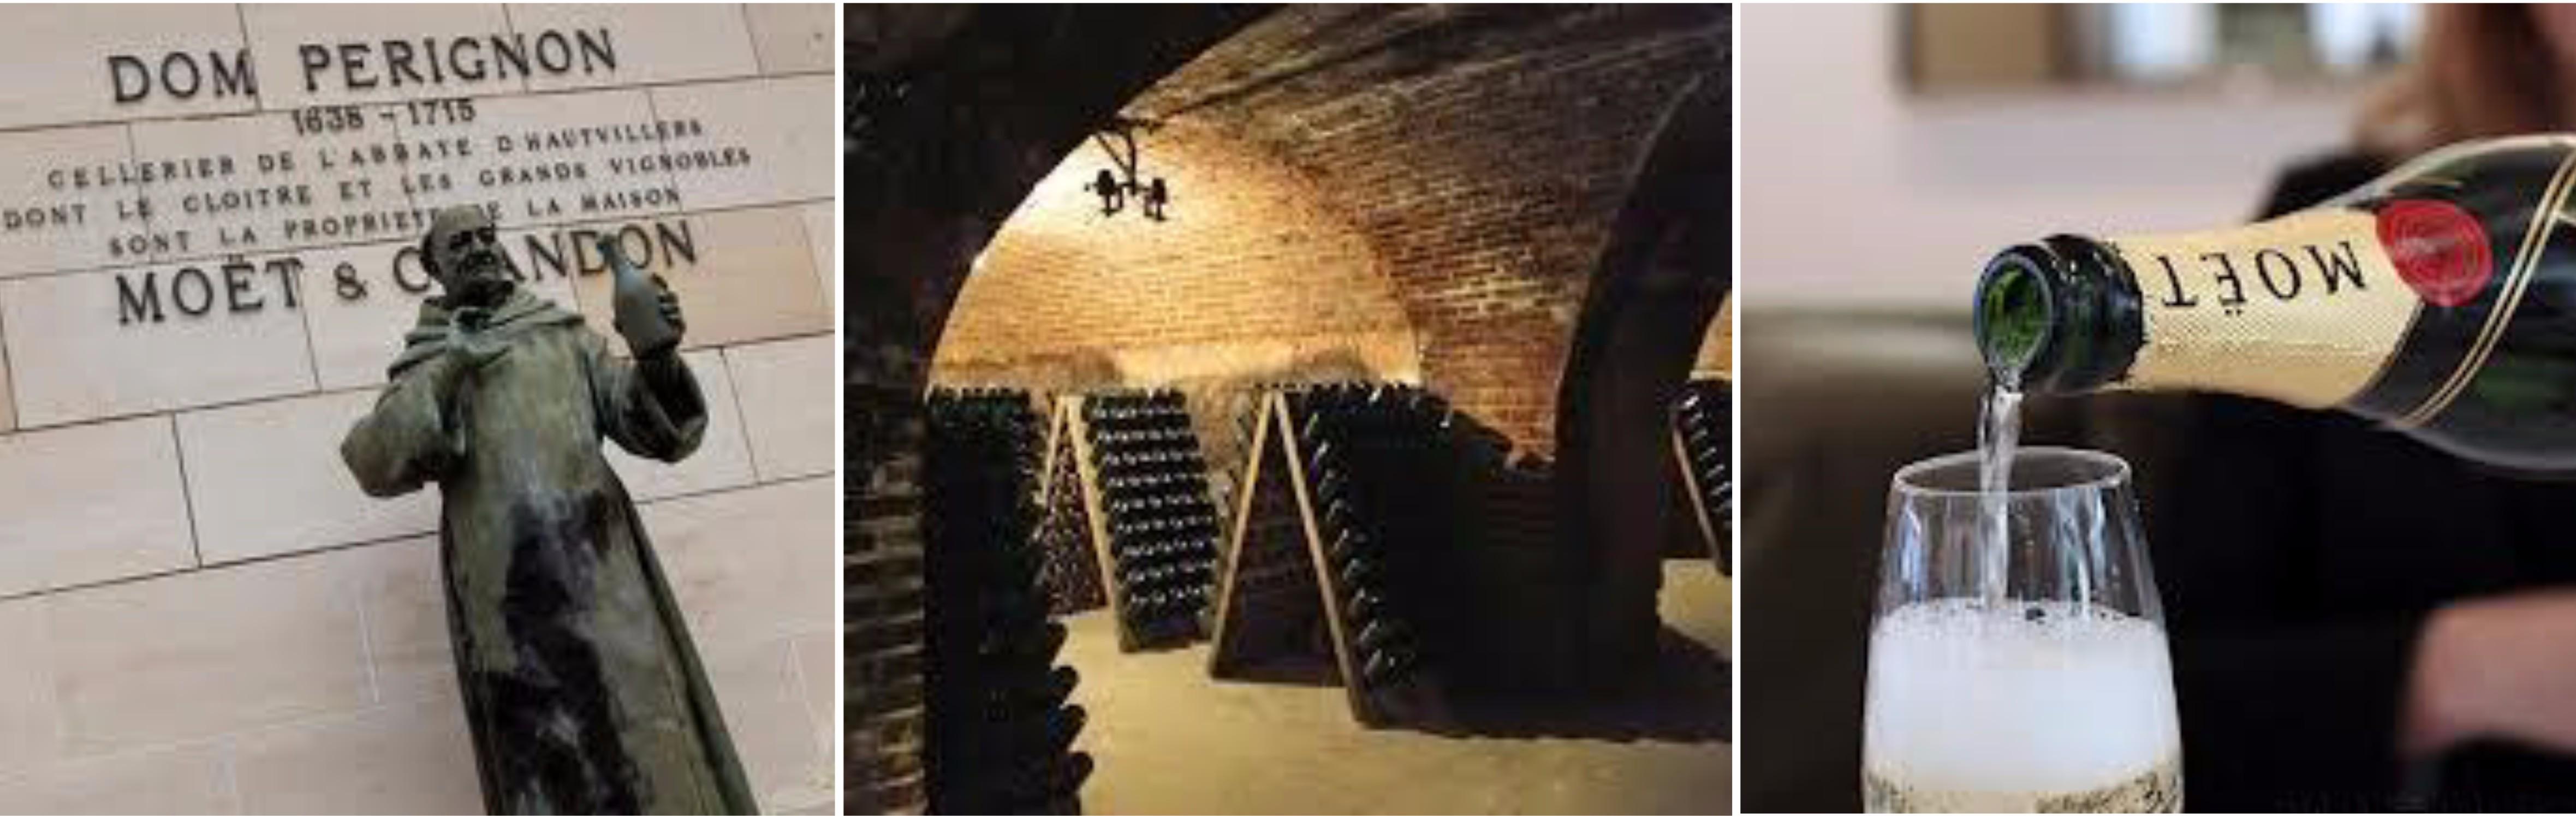 ทัวห์ – เอเพอเนย์ – ไวน์ชาโตว์ของ Moët & Chandon –  แรงส์ –  มหาวิหารแซ็งต์เรมี่ – พระราชวังตัวน์ - 2